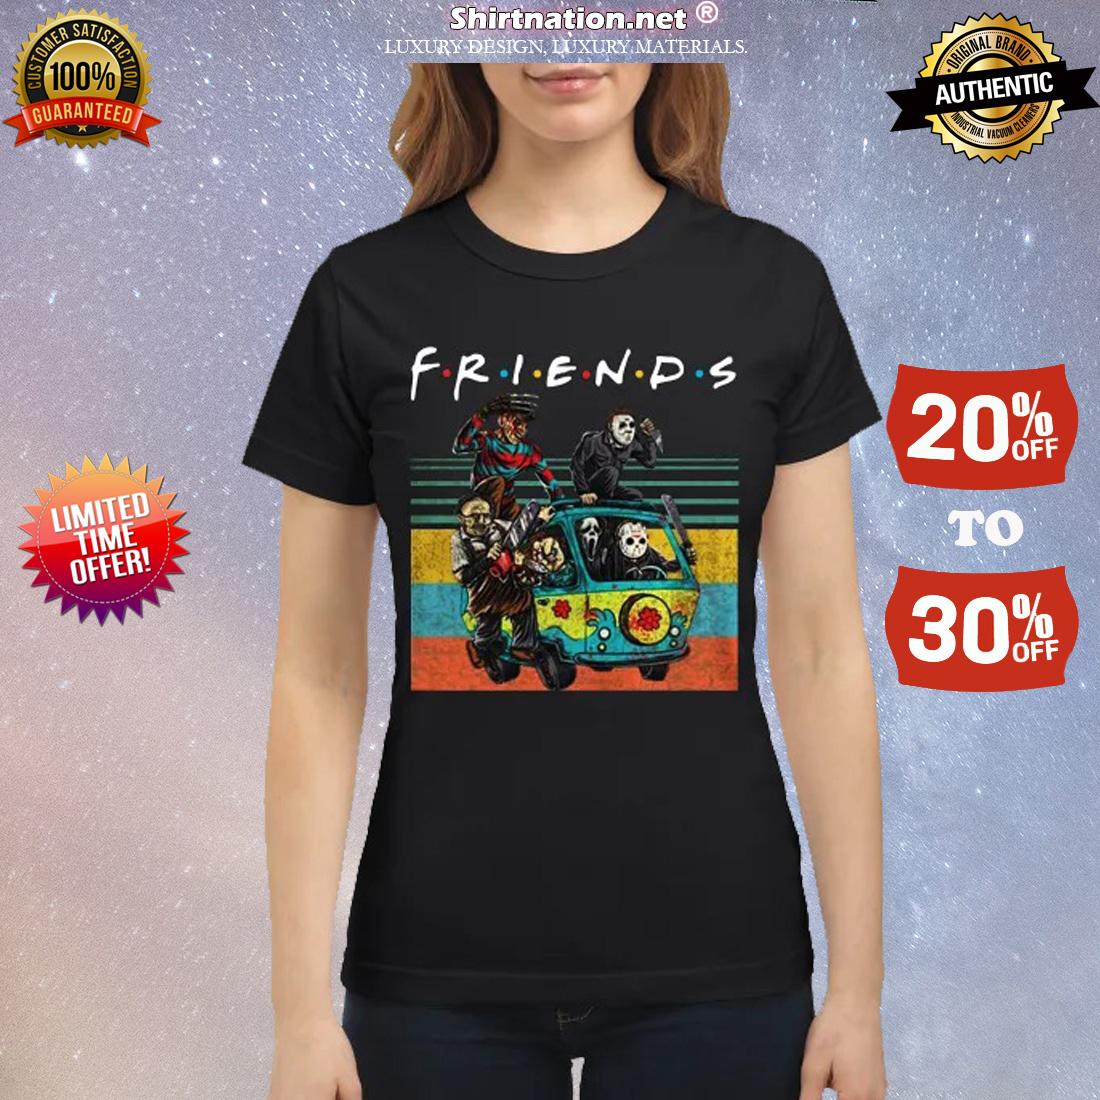 The Masscre machine friends classic shirt